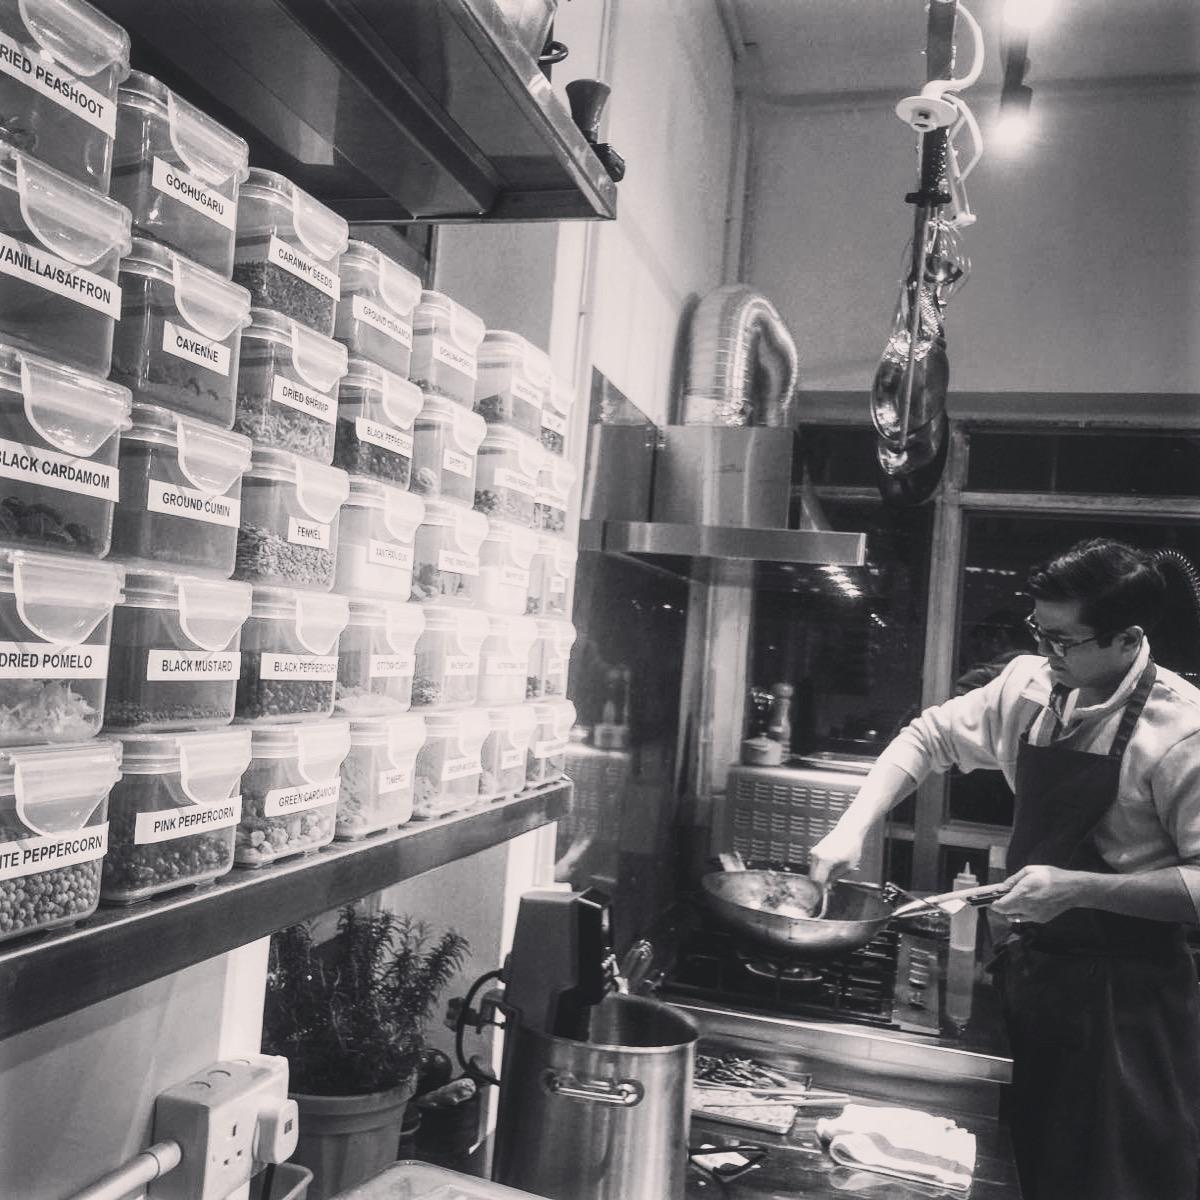 private kitchens Hong Kong